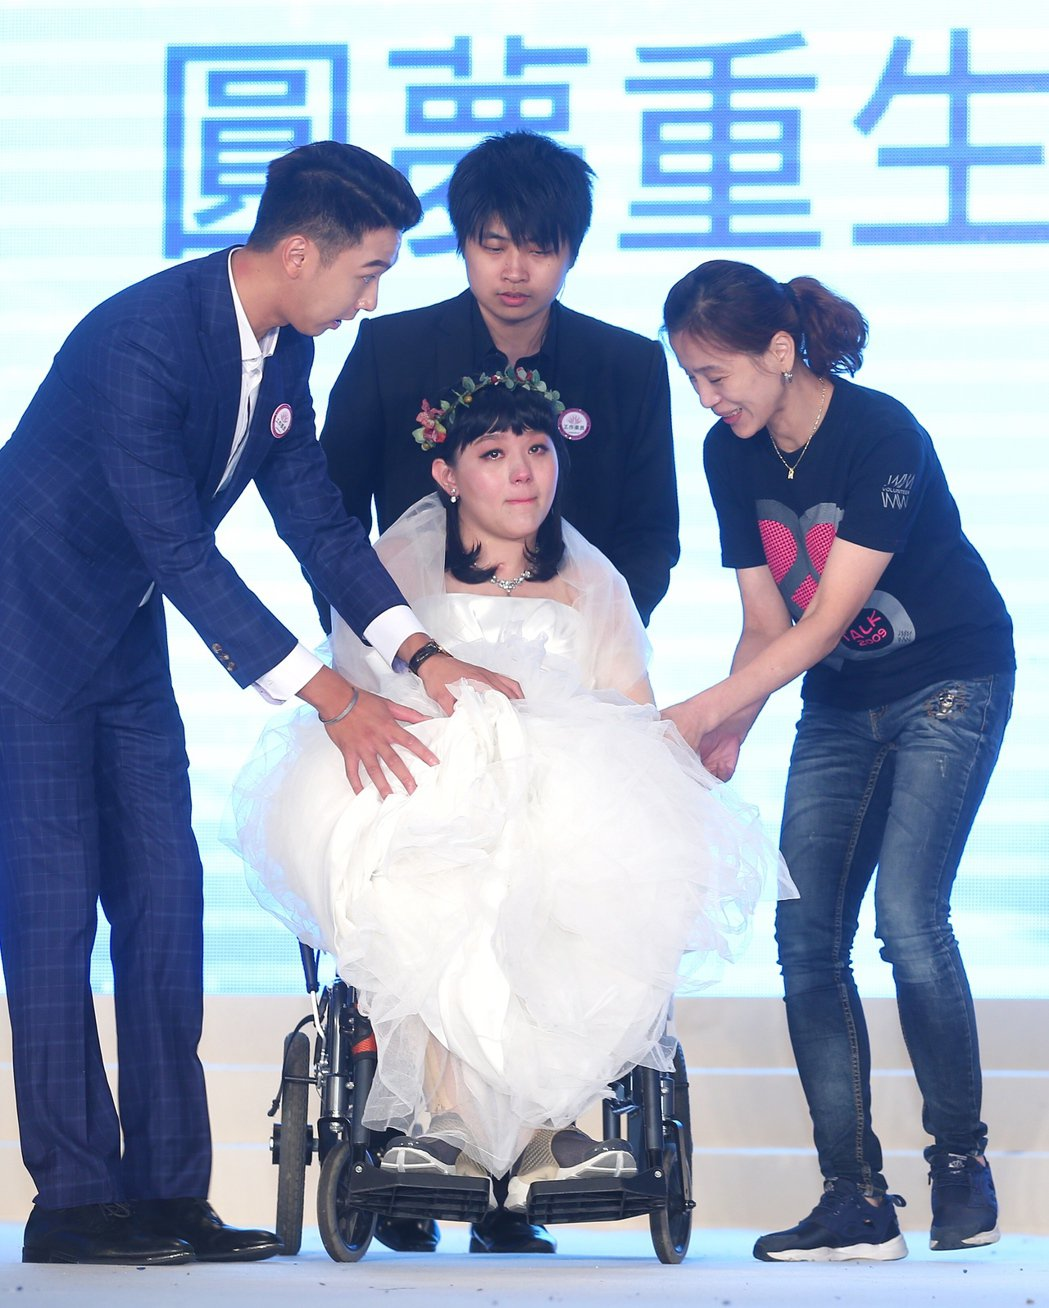 曾在2013年參賽的八仙事件傷者林佩璇(中)重回城市小姐舞台,接受大家鼓勵,閃燃...